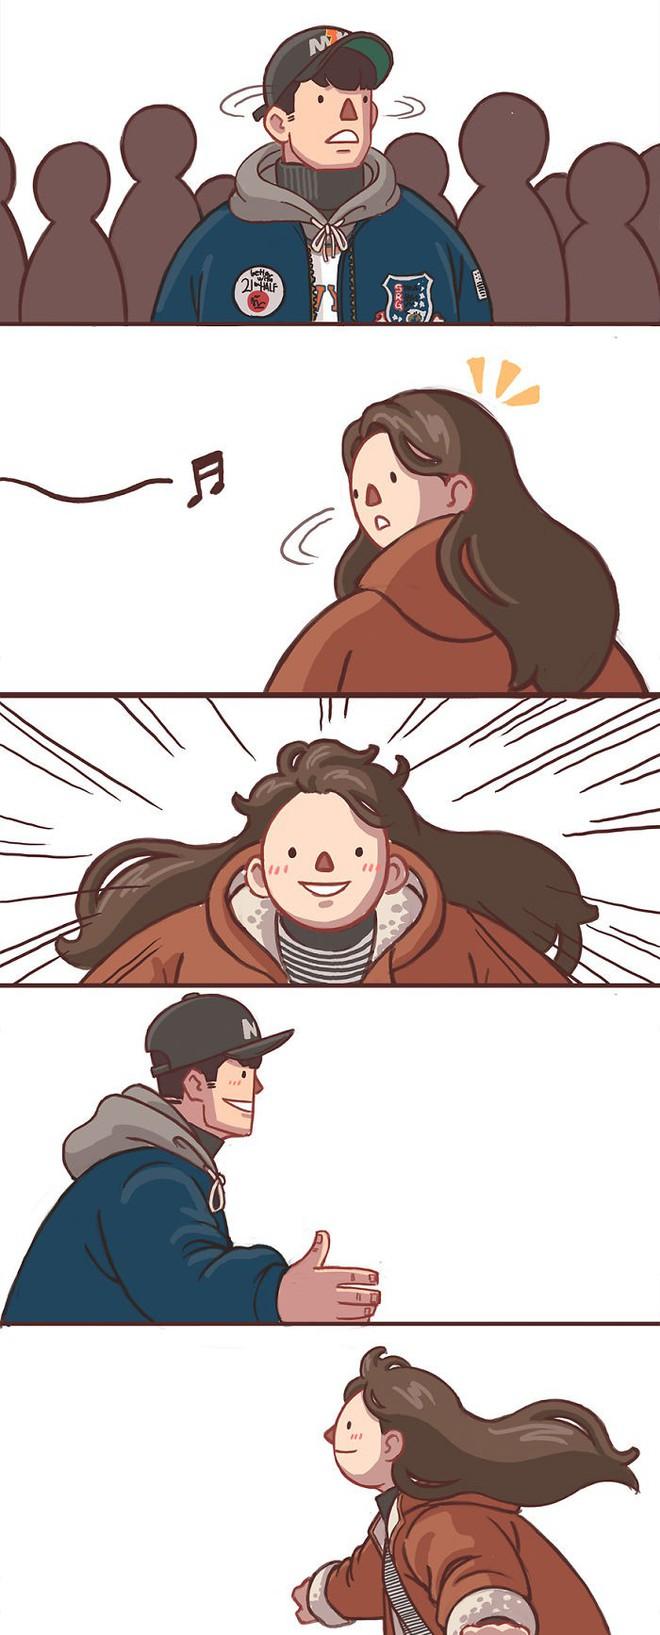 Có những bình yên mang tên anh: Bộ tranh lãng mạn nhất dành cho các cặp đôi mùa lạnh này - ảnh 3